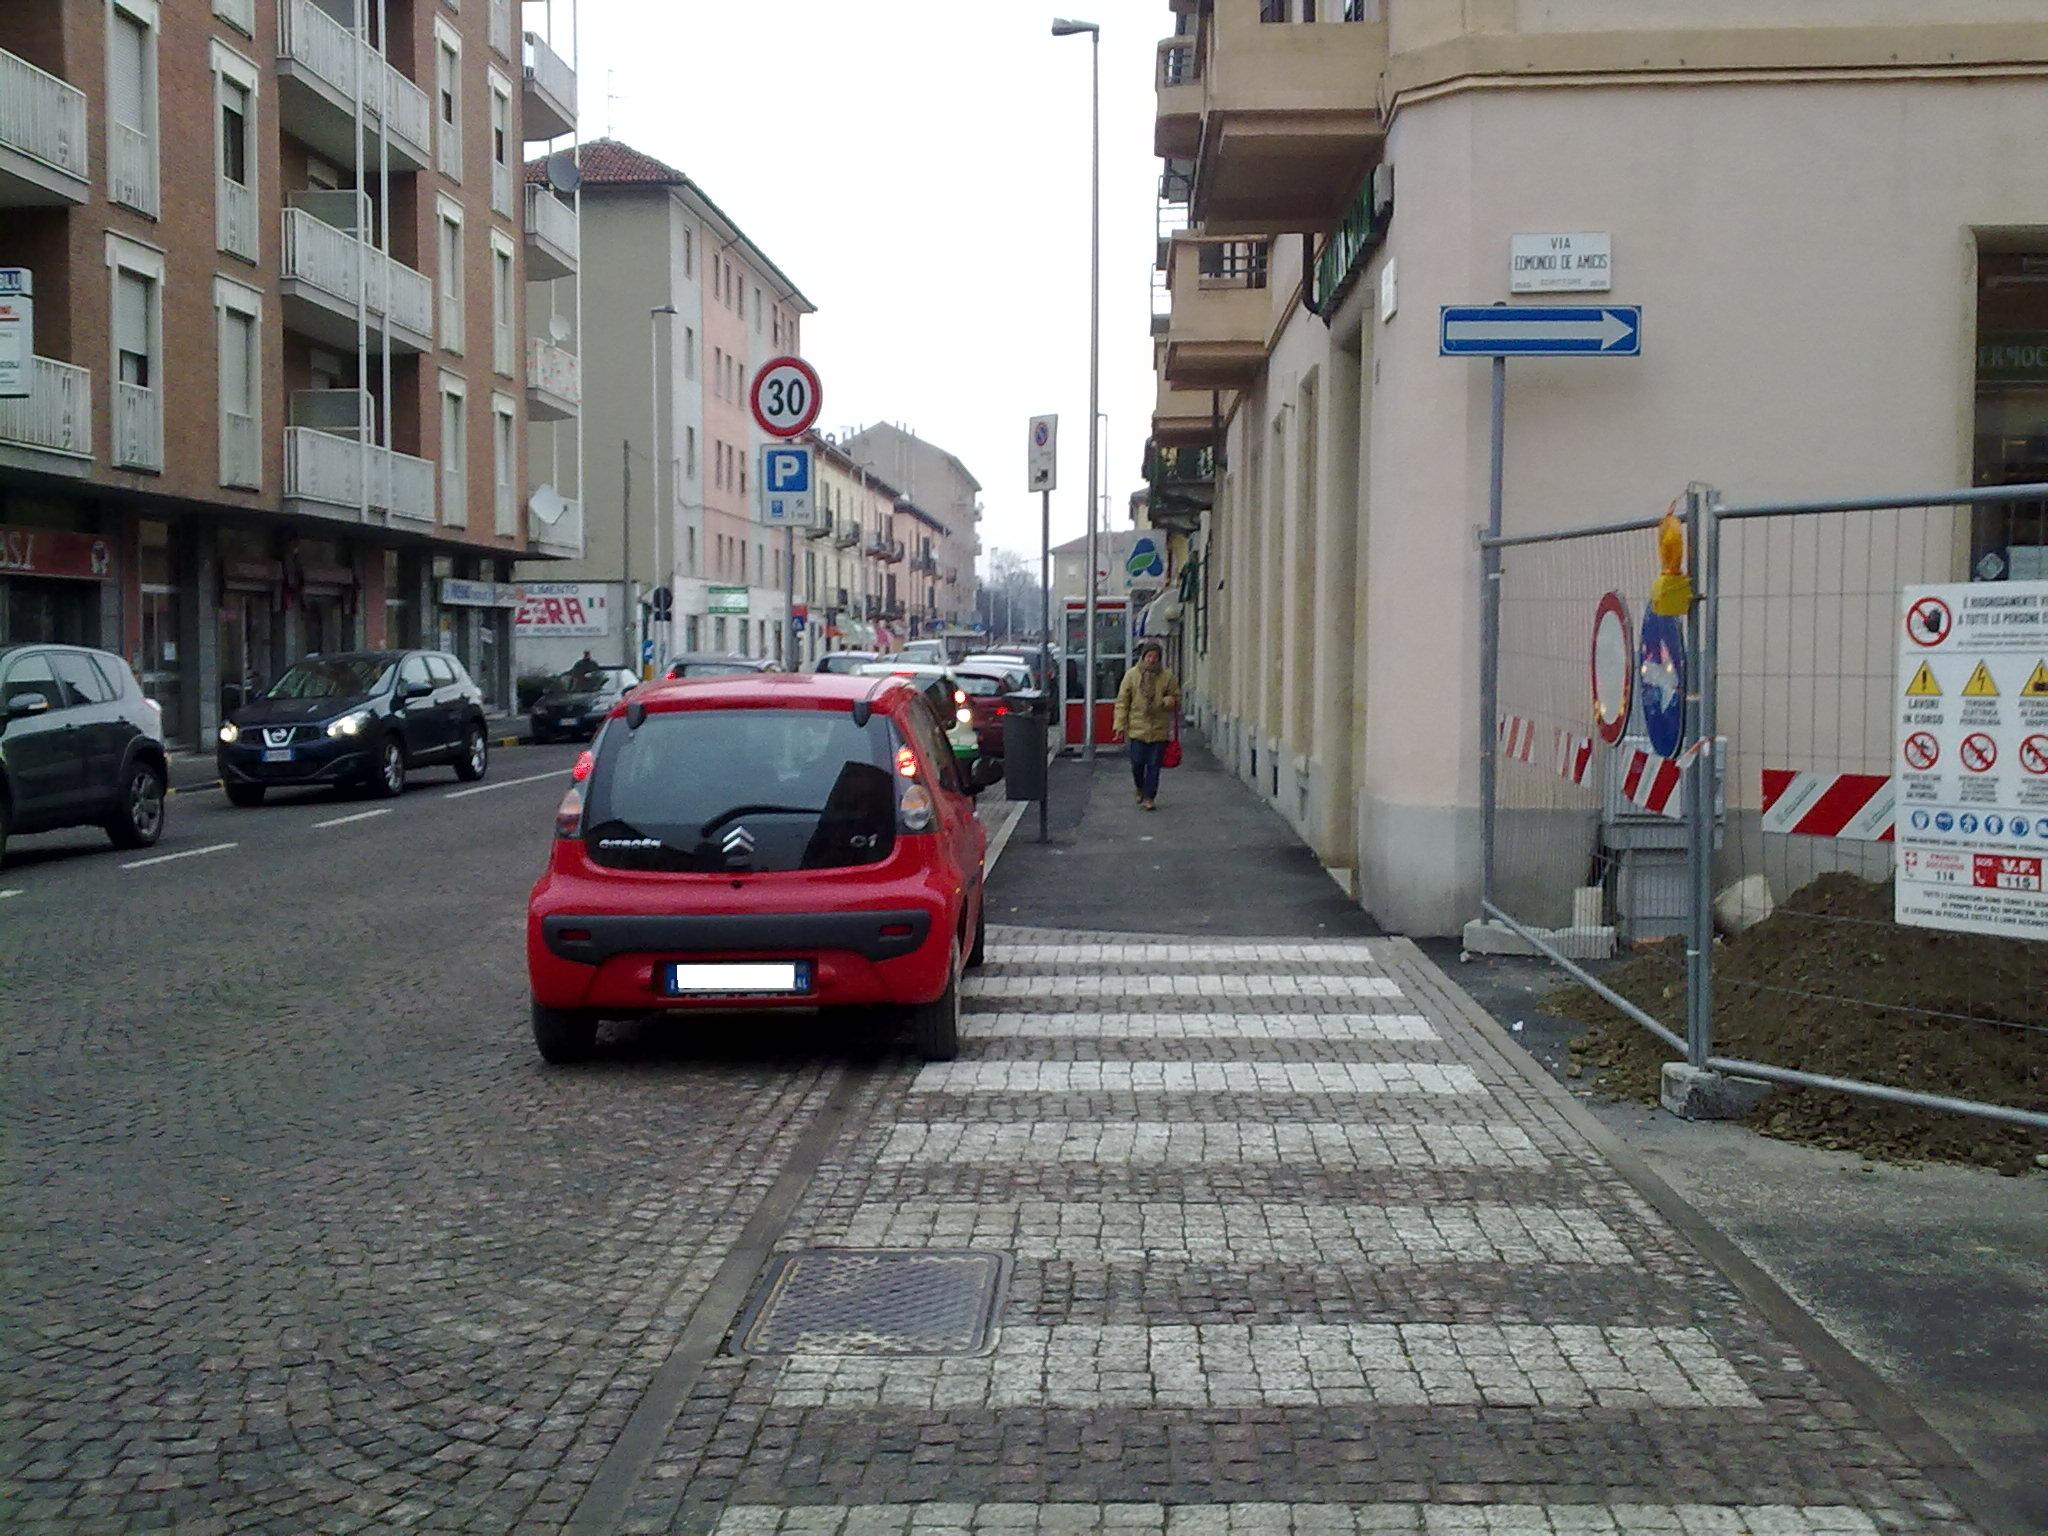 parcheggio corso acqui doppia fila auto